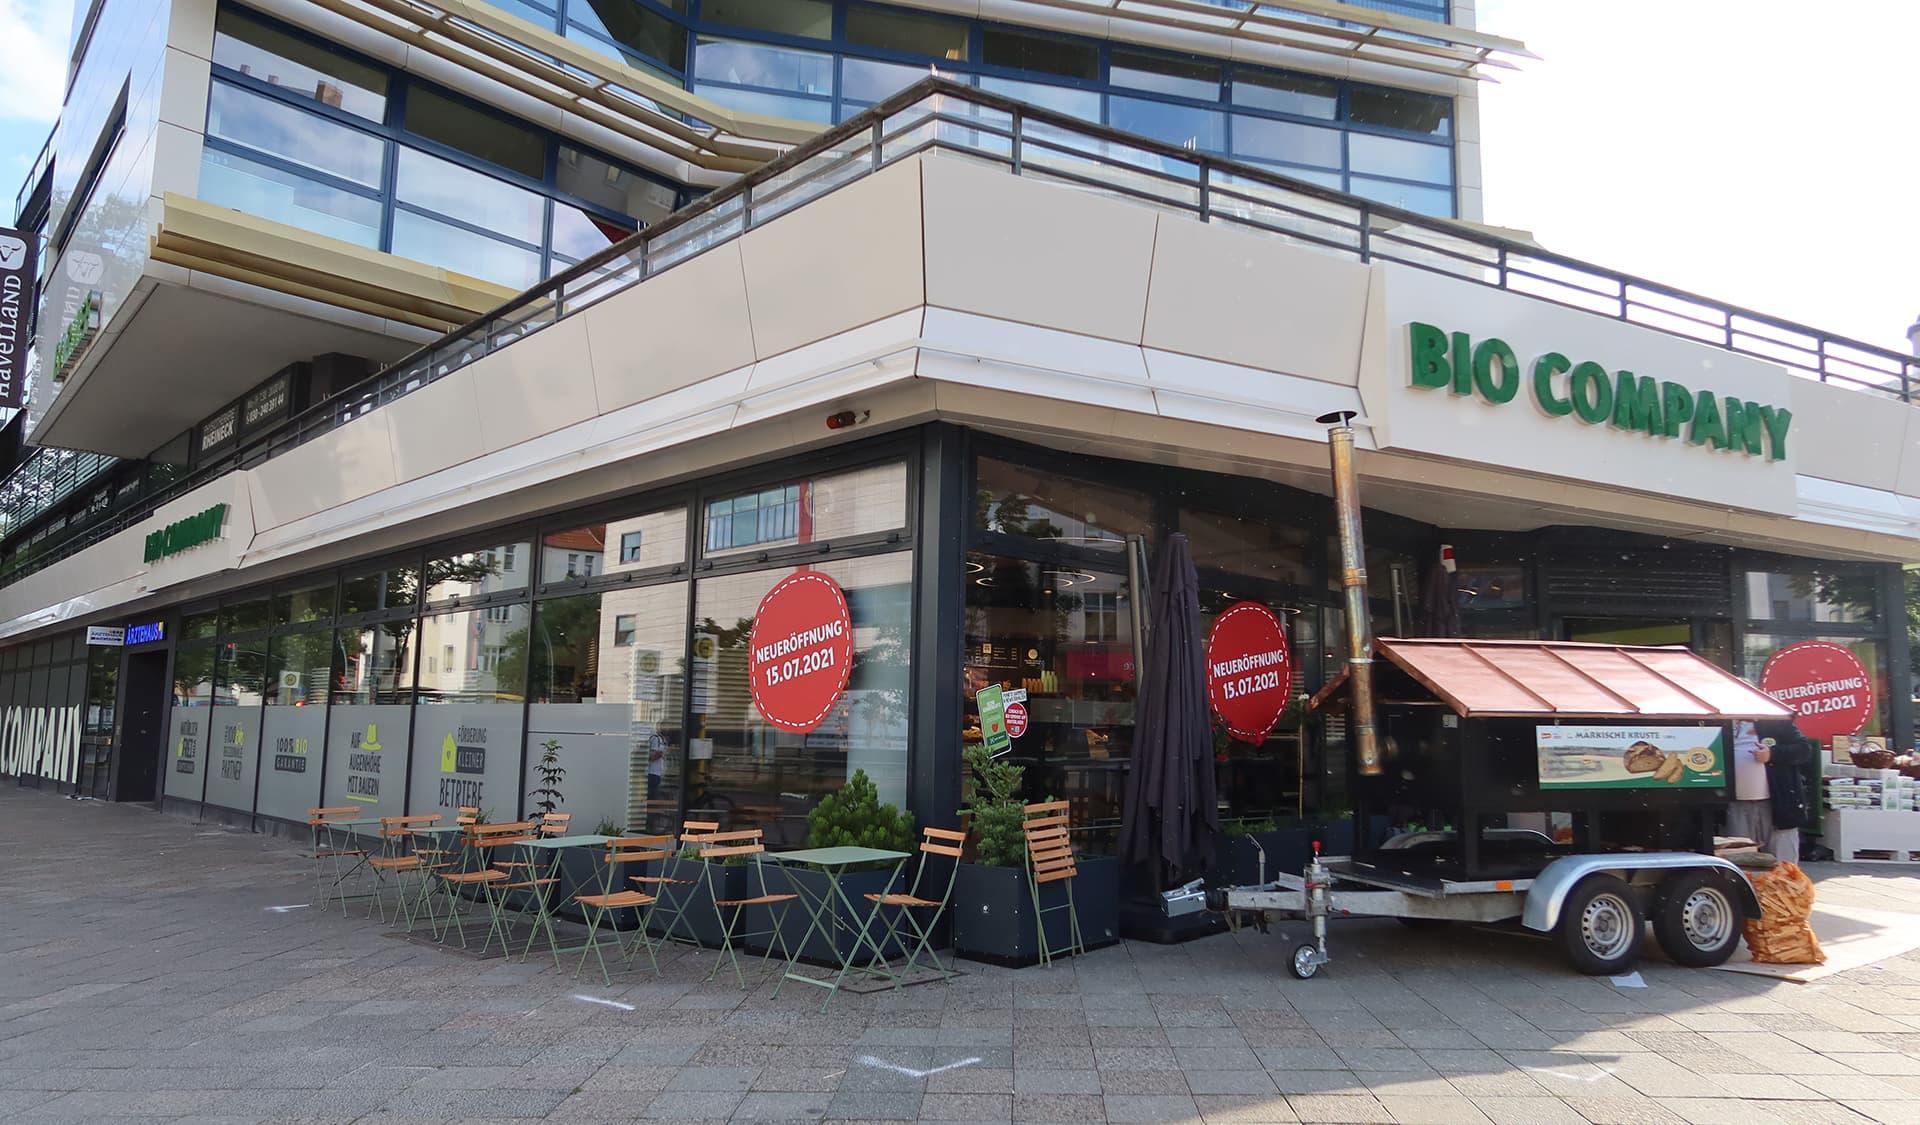 Bio Company Walther Schreiber Platz